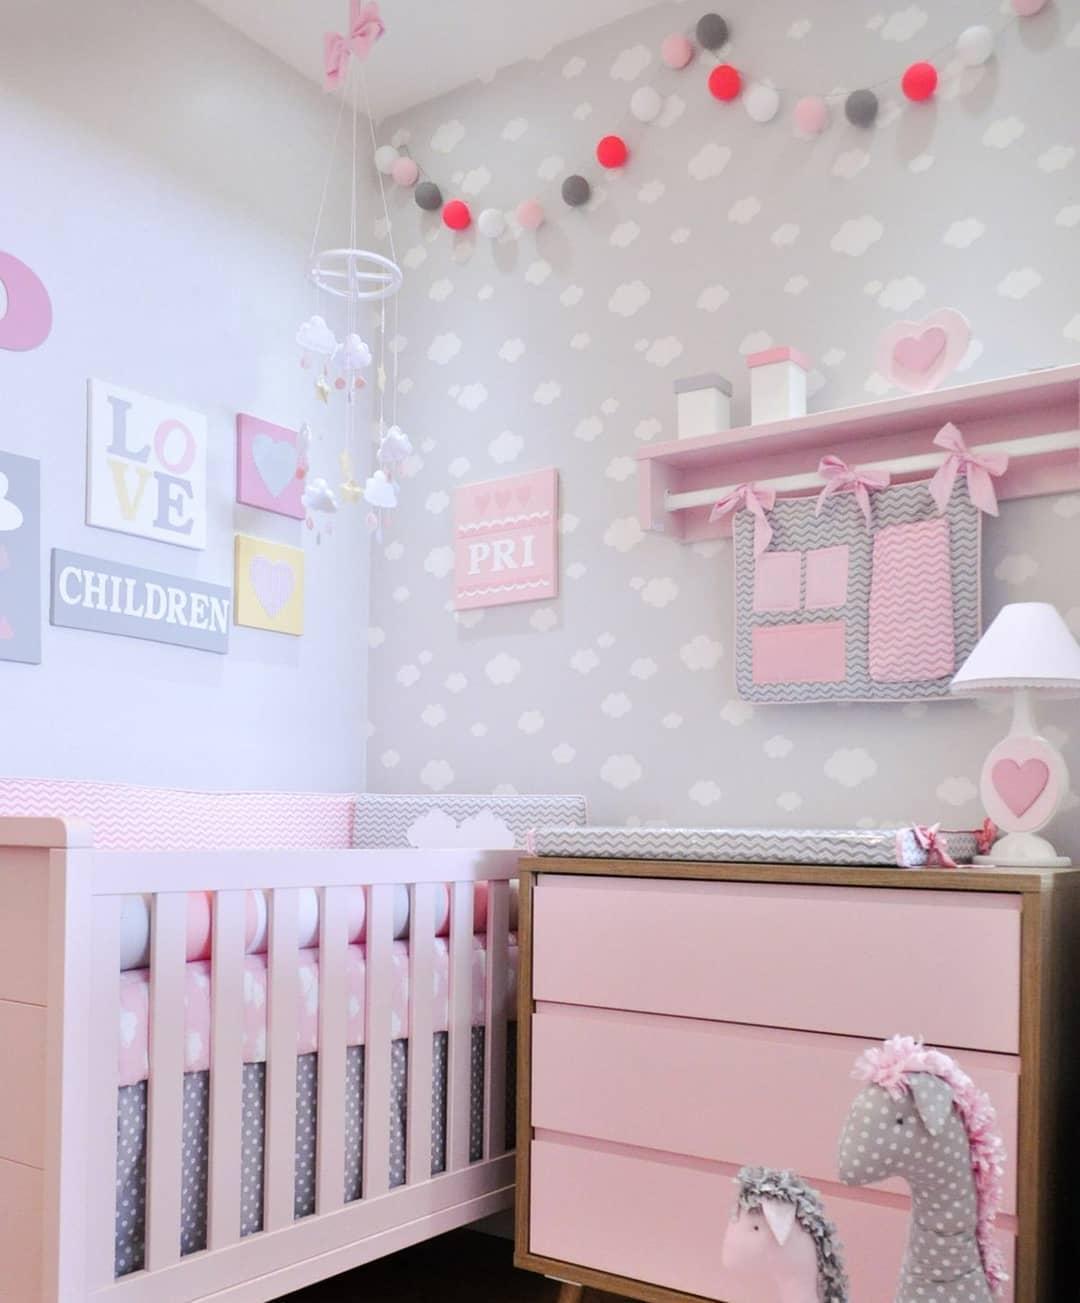 Mil Ideias De Decoração Quartos De Bebé: Decoração Quarto Bebê: 50 Lindas Ideias Para Te Inspirar